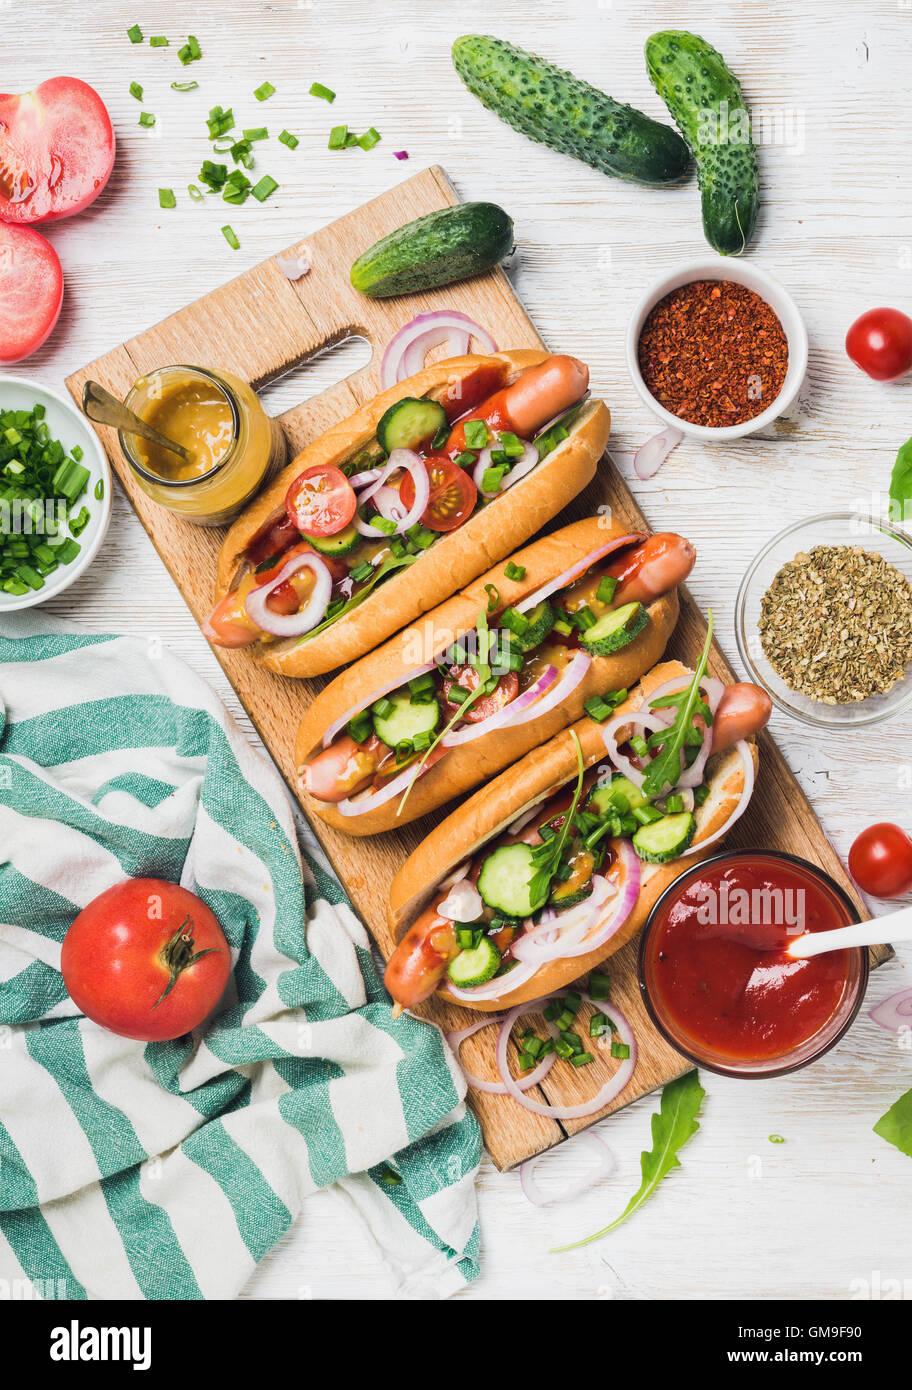 In casa hot dog con verdure fresche e spezie su sfondo bianco Immagini Stock